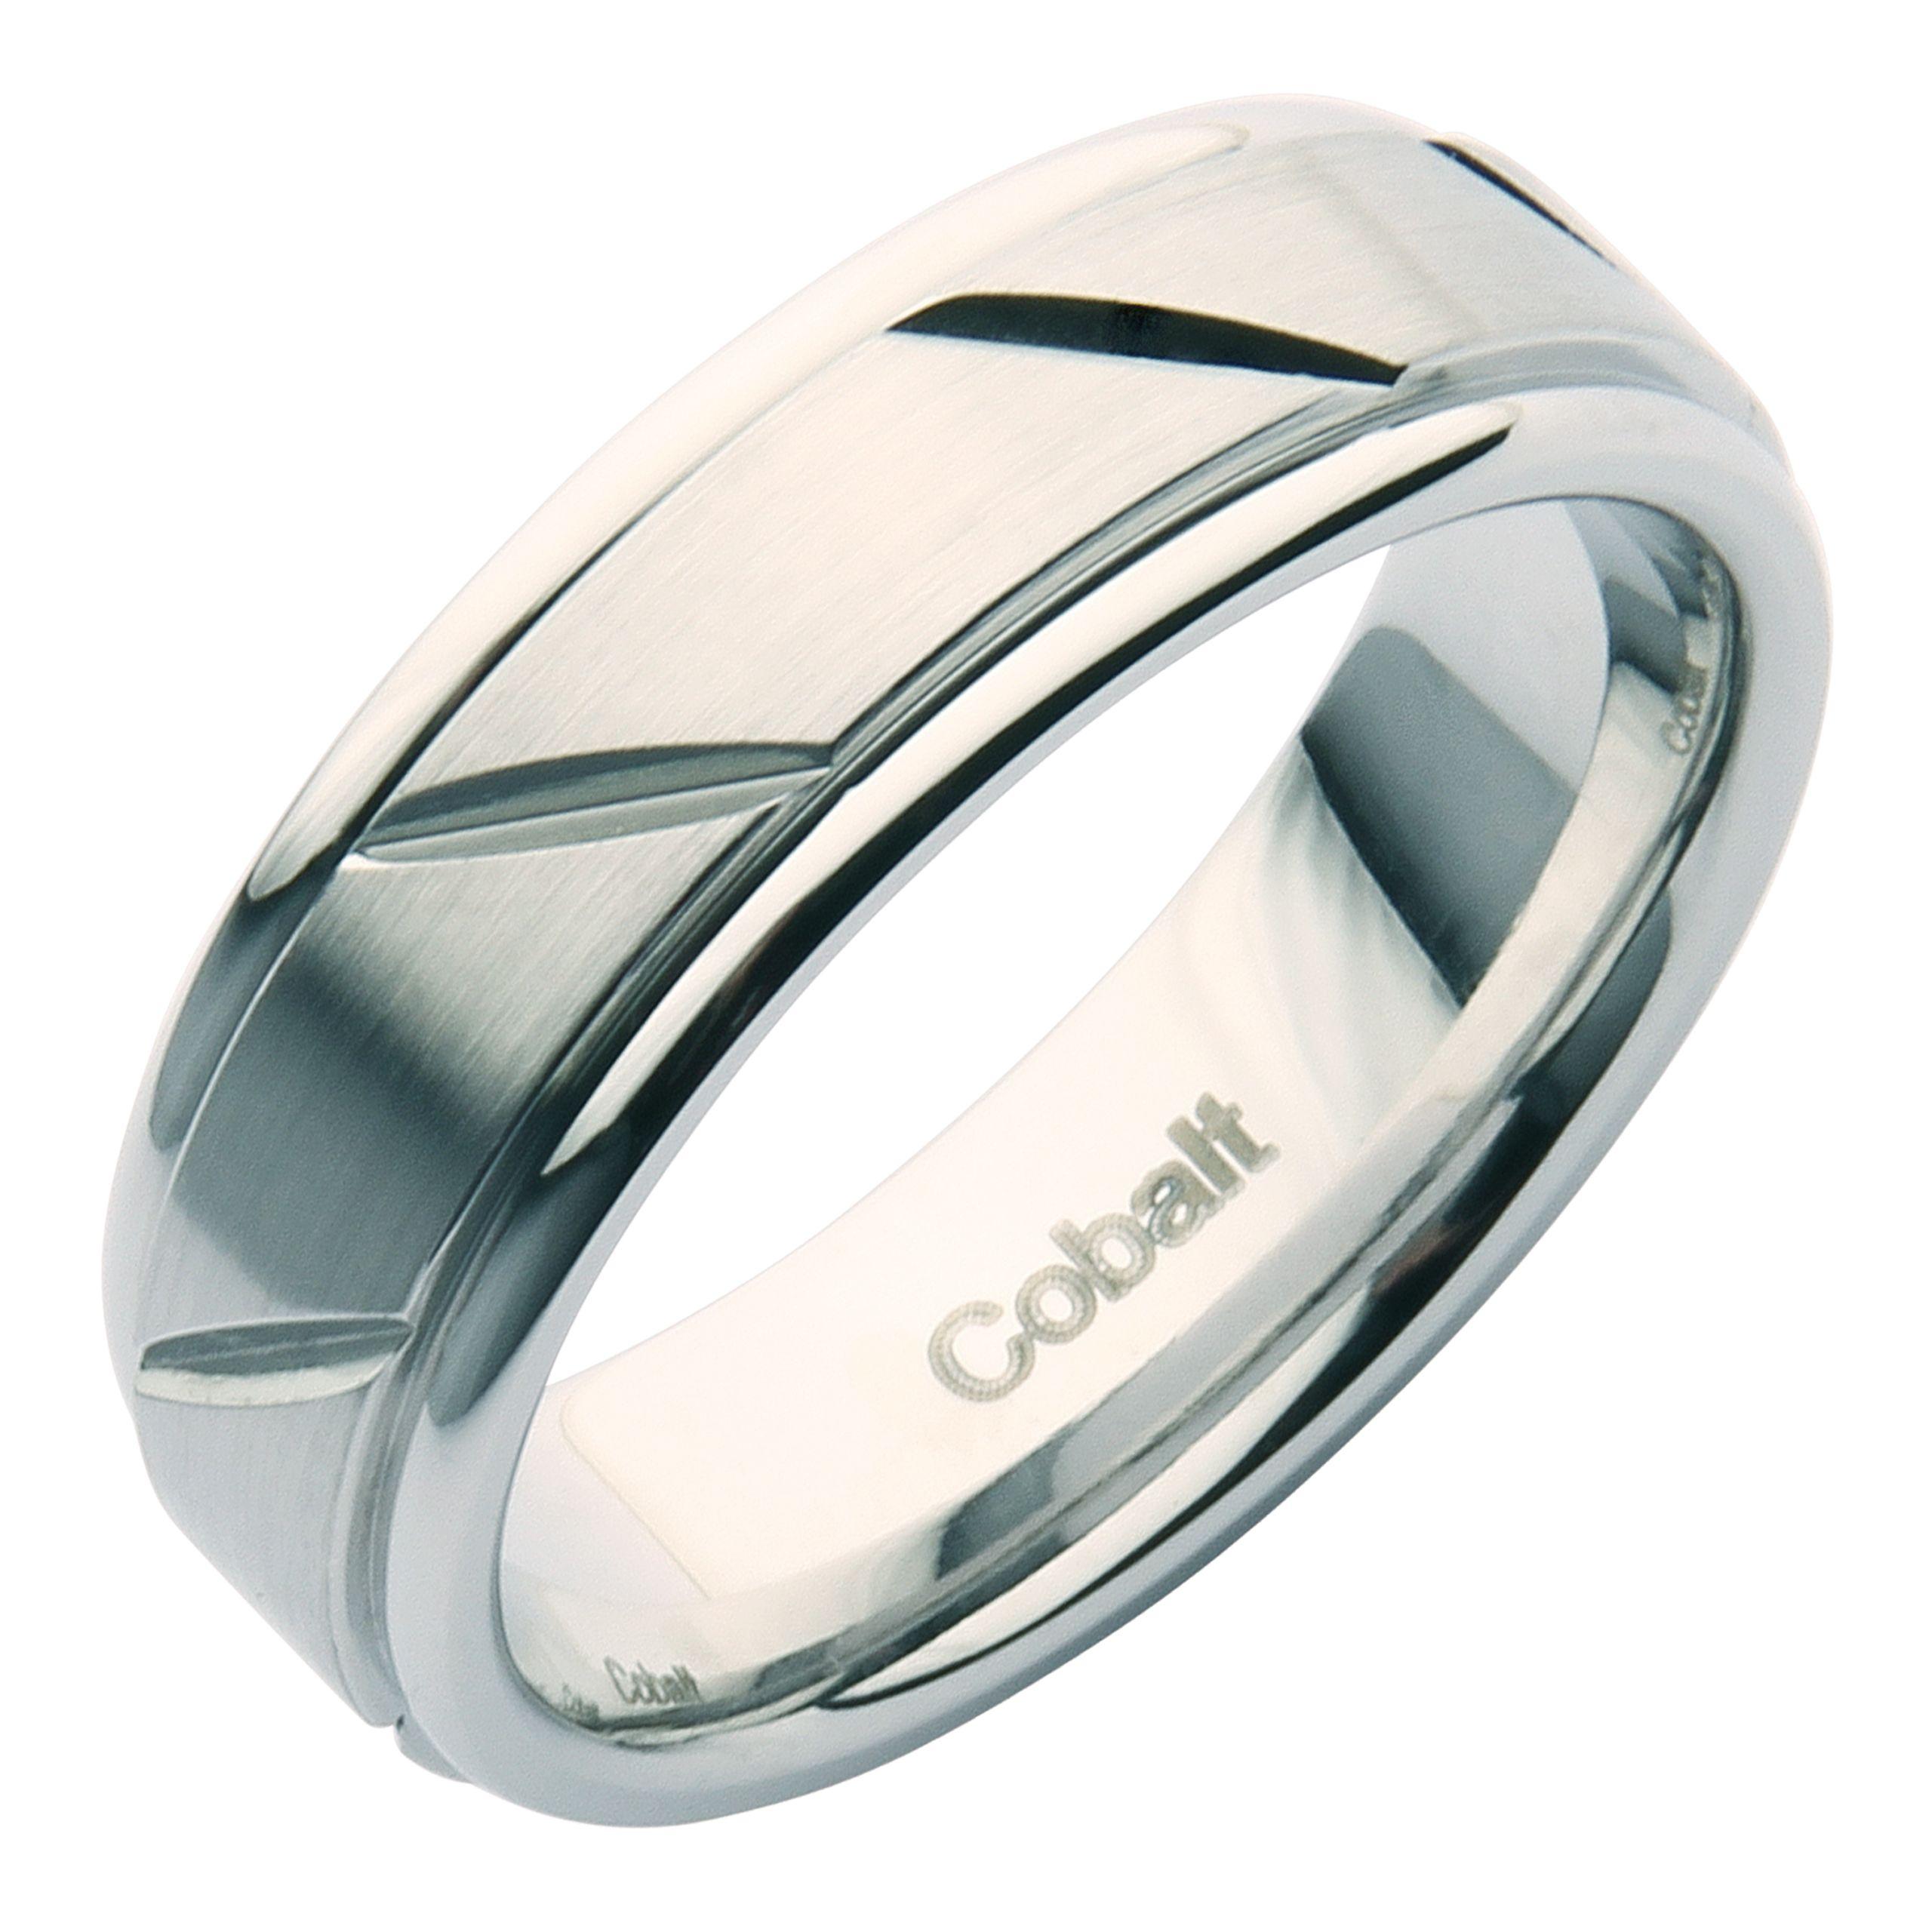 7mm Cobalt Grooved Patterned Wedding Ring Band Cobalt